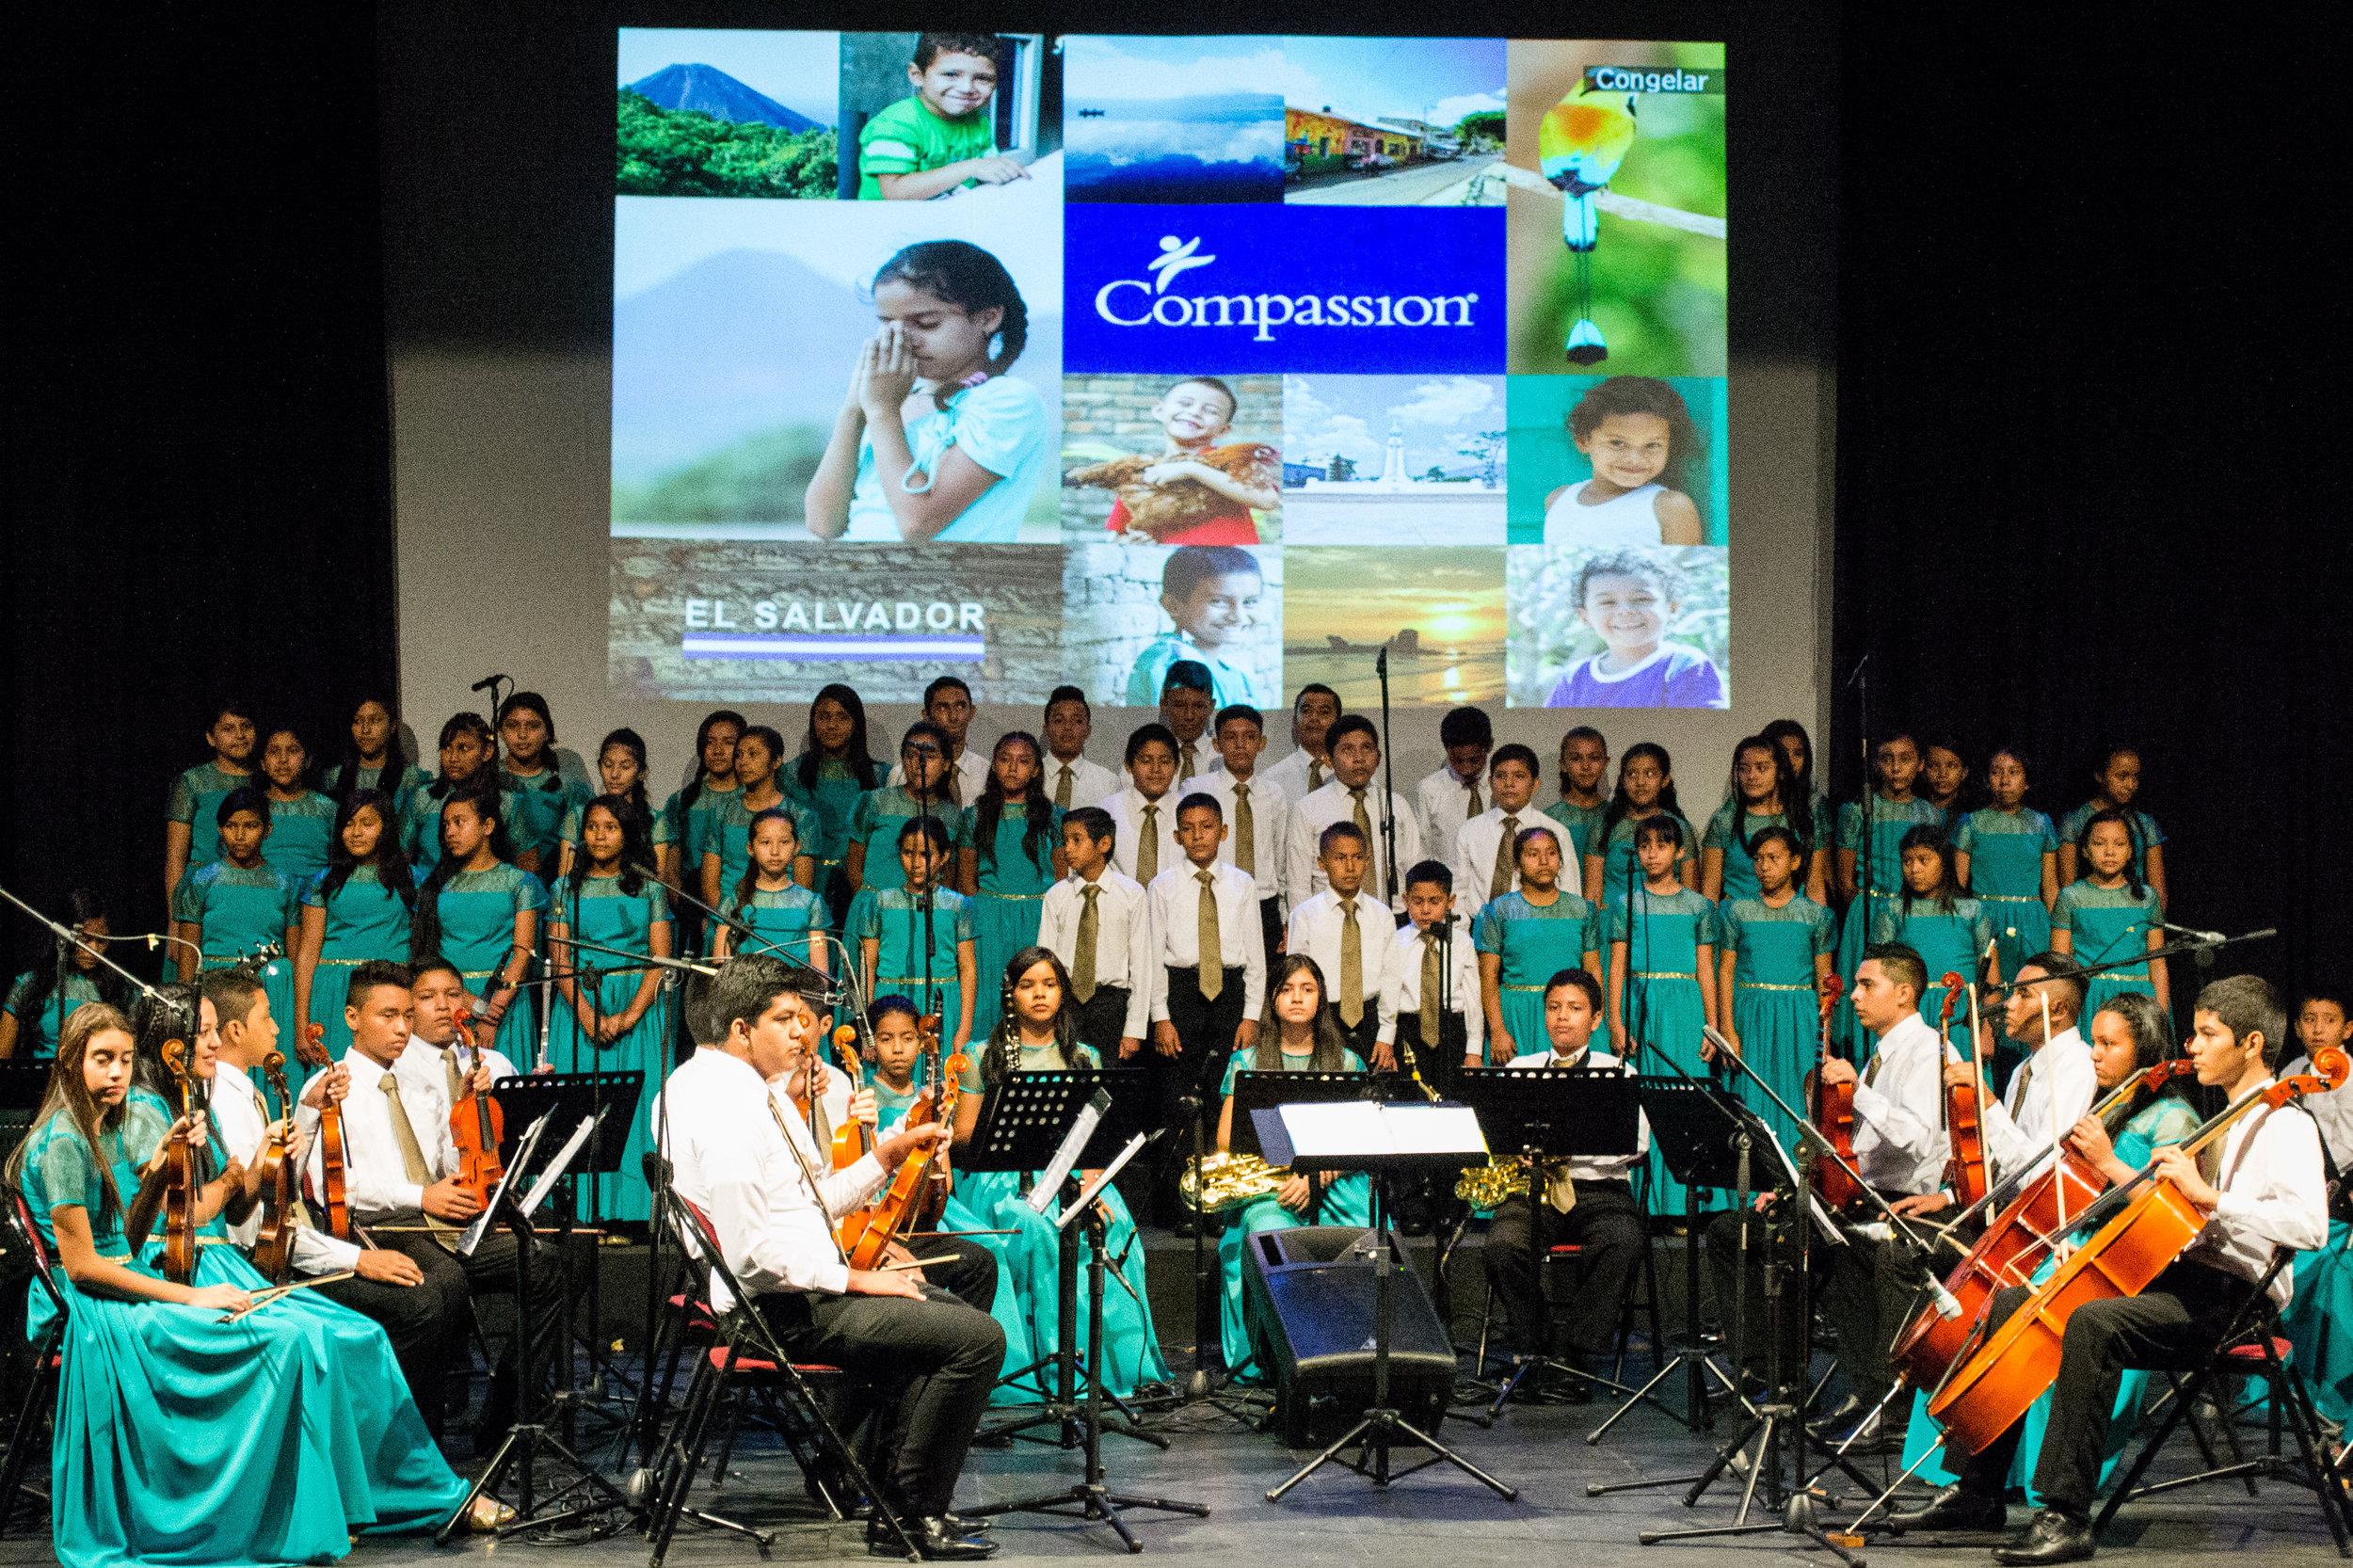 Compassion in El Salvador